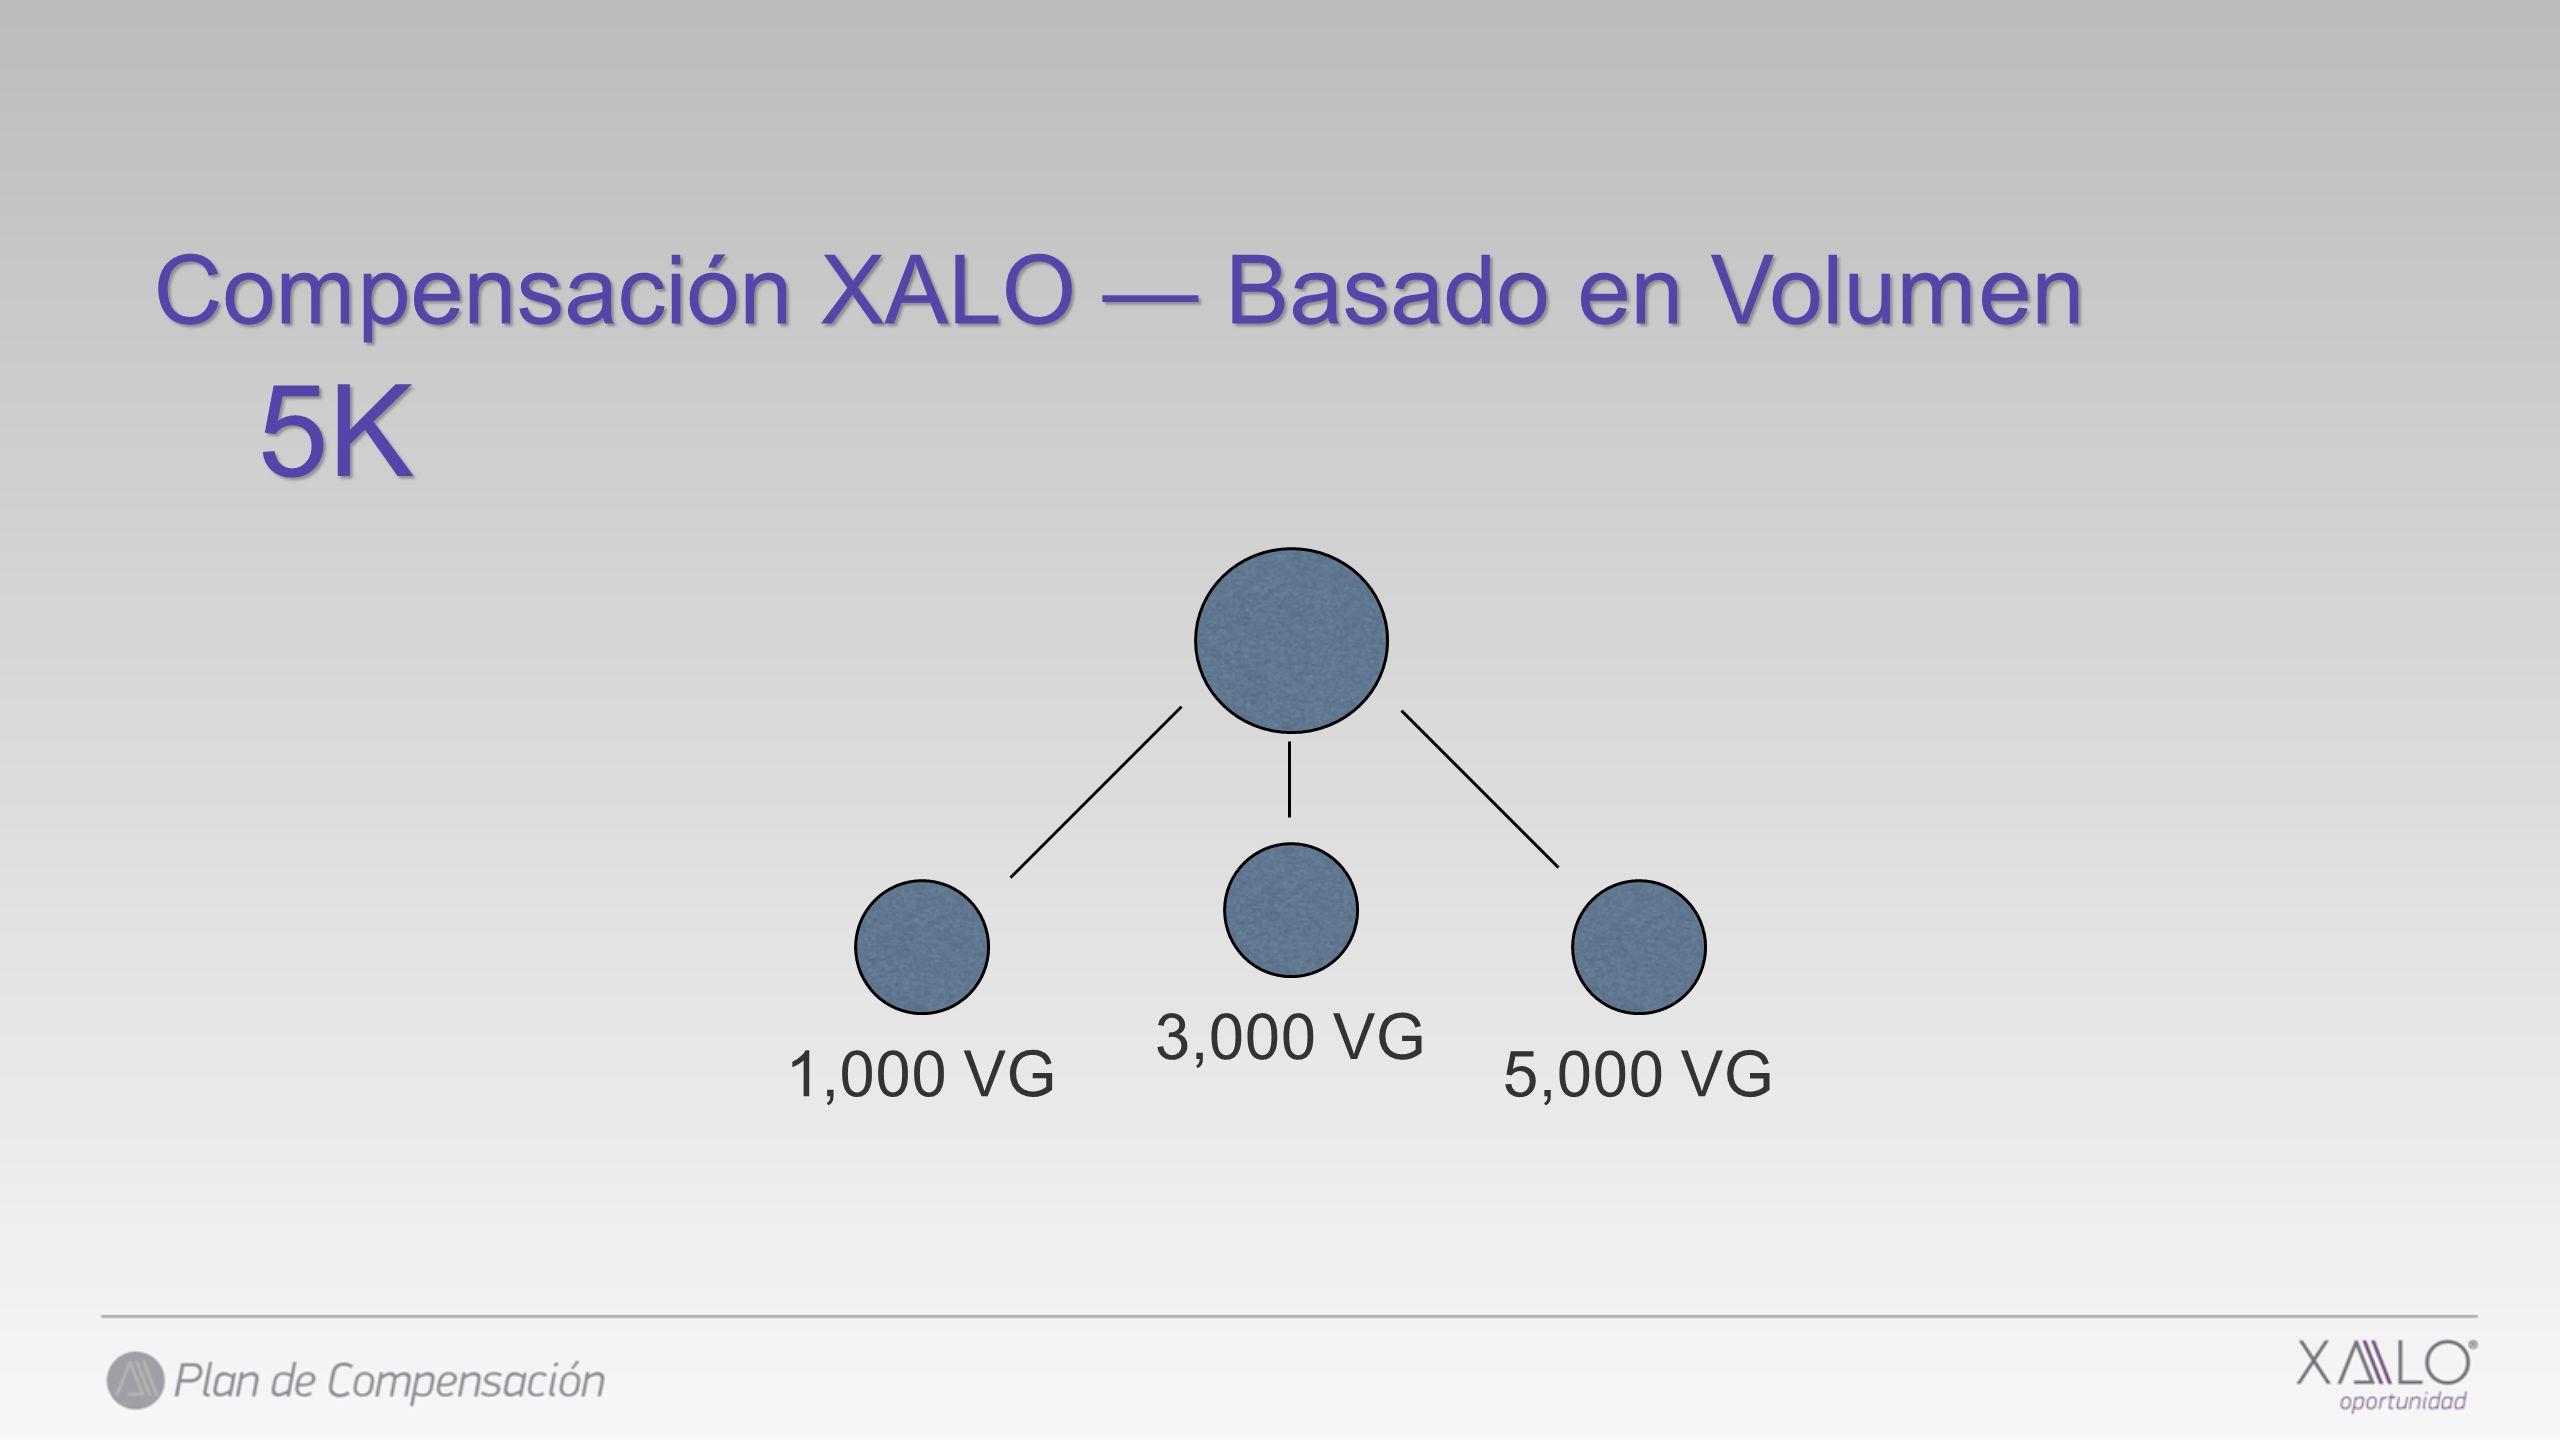 Compensación XALO Basado en Volumen 5,000 VG 3,000 VG 1,000 VG 5K